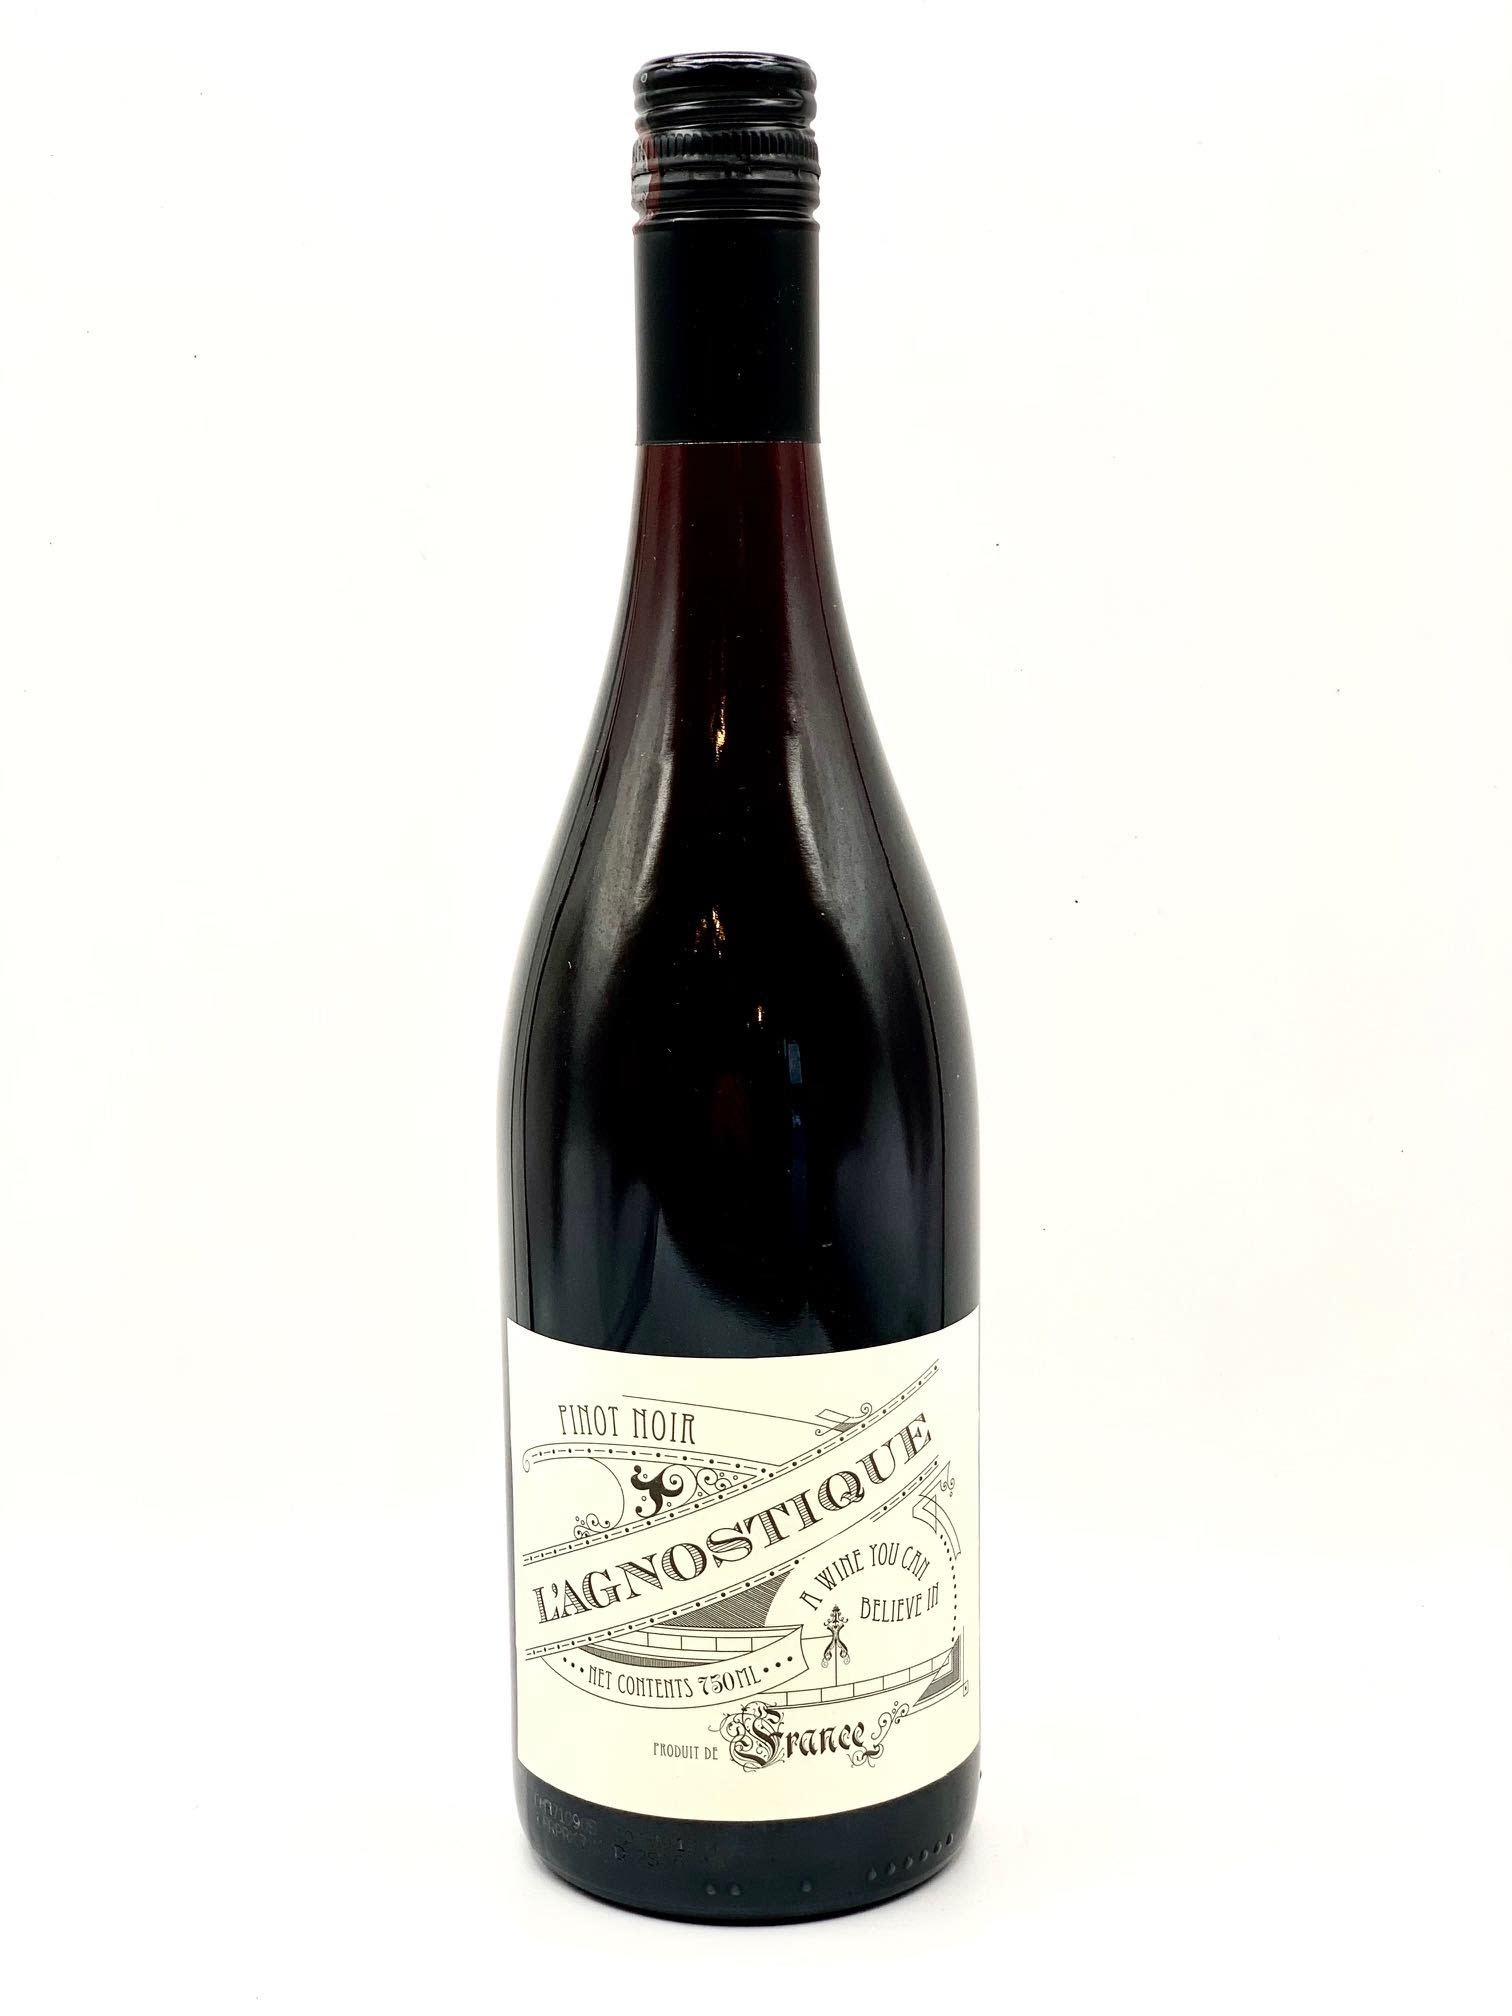 Vin de France Pinot Noir 2018 L'Agnostique 750ml